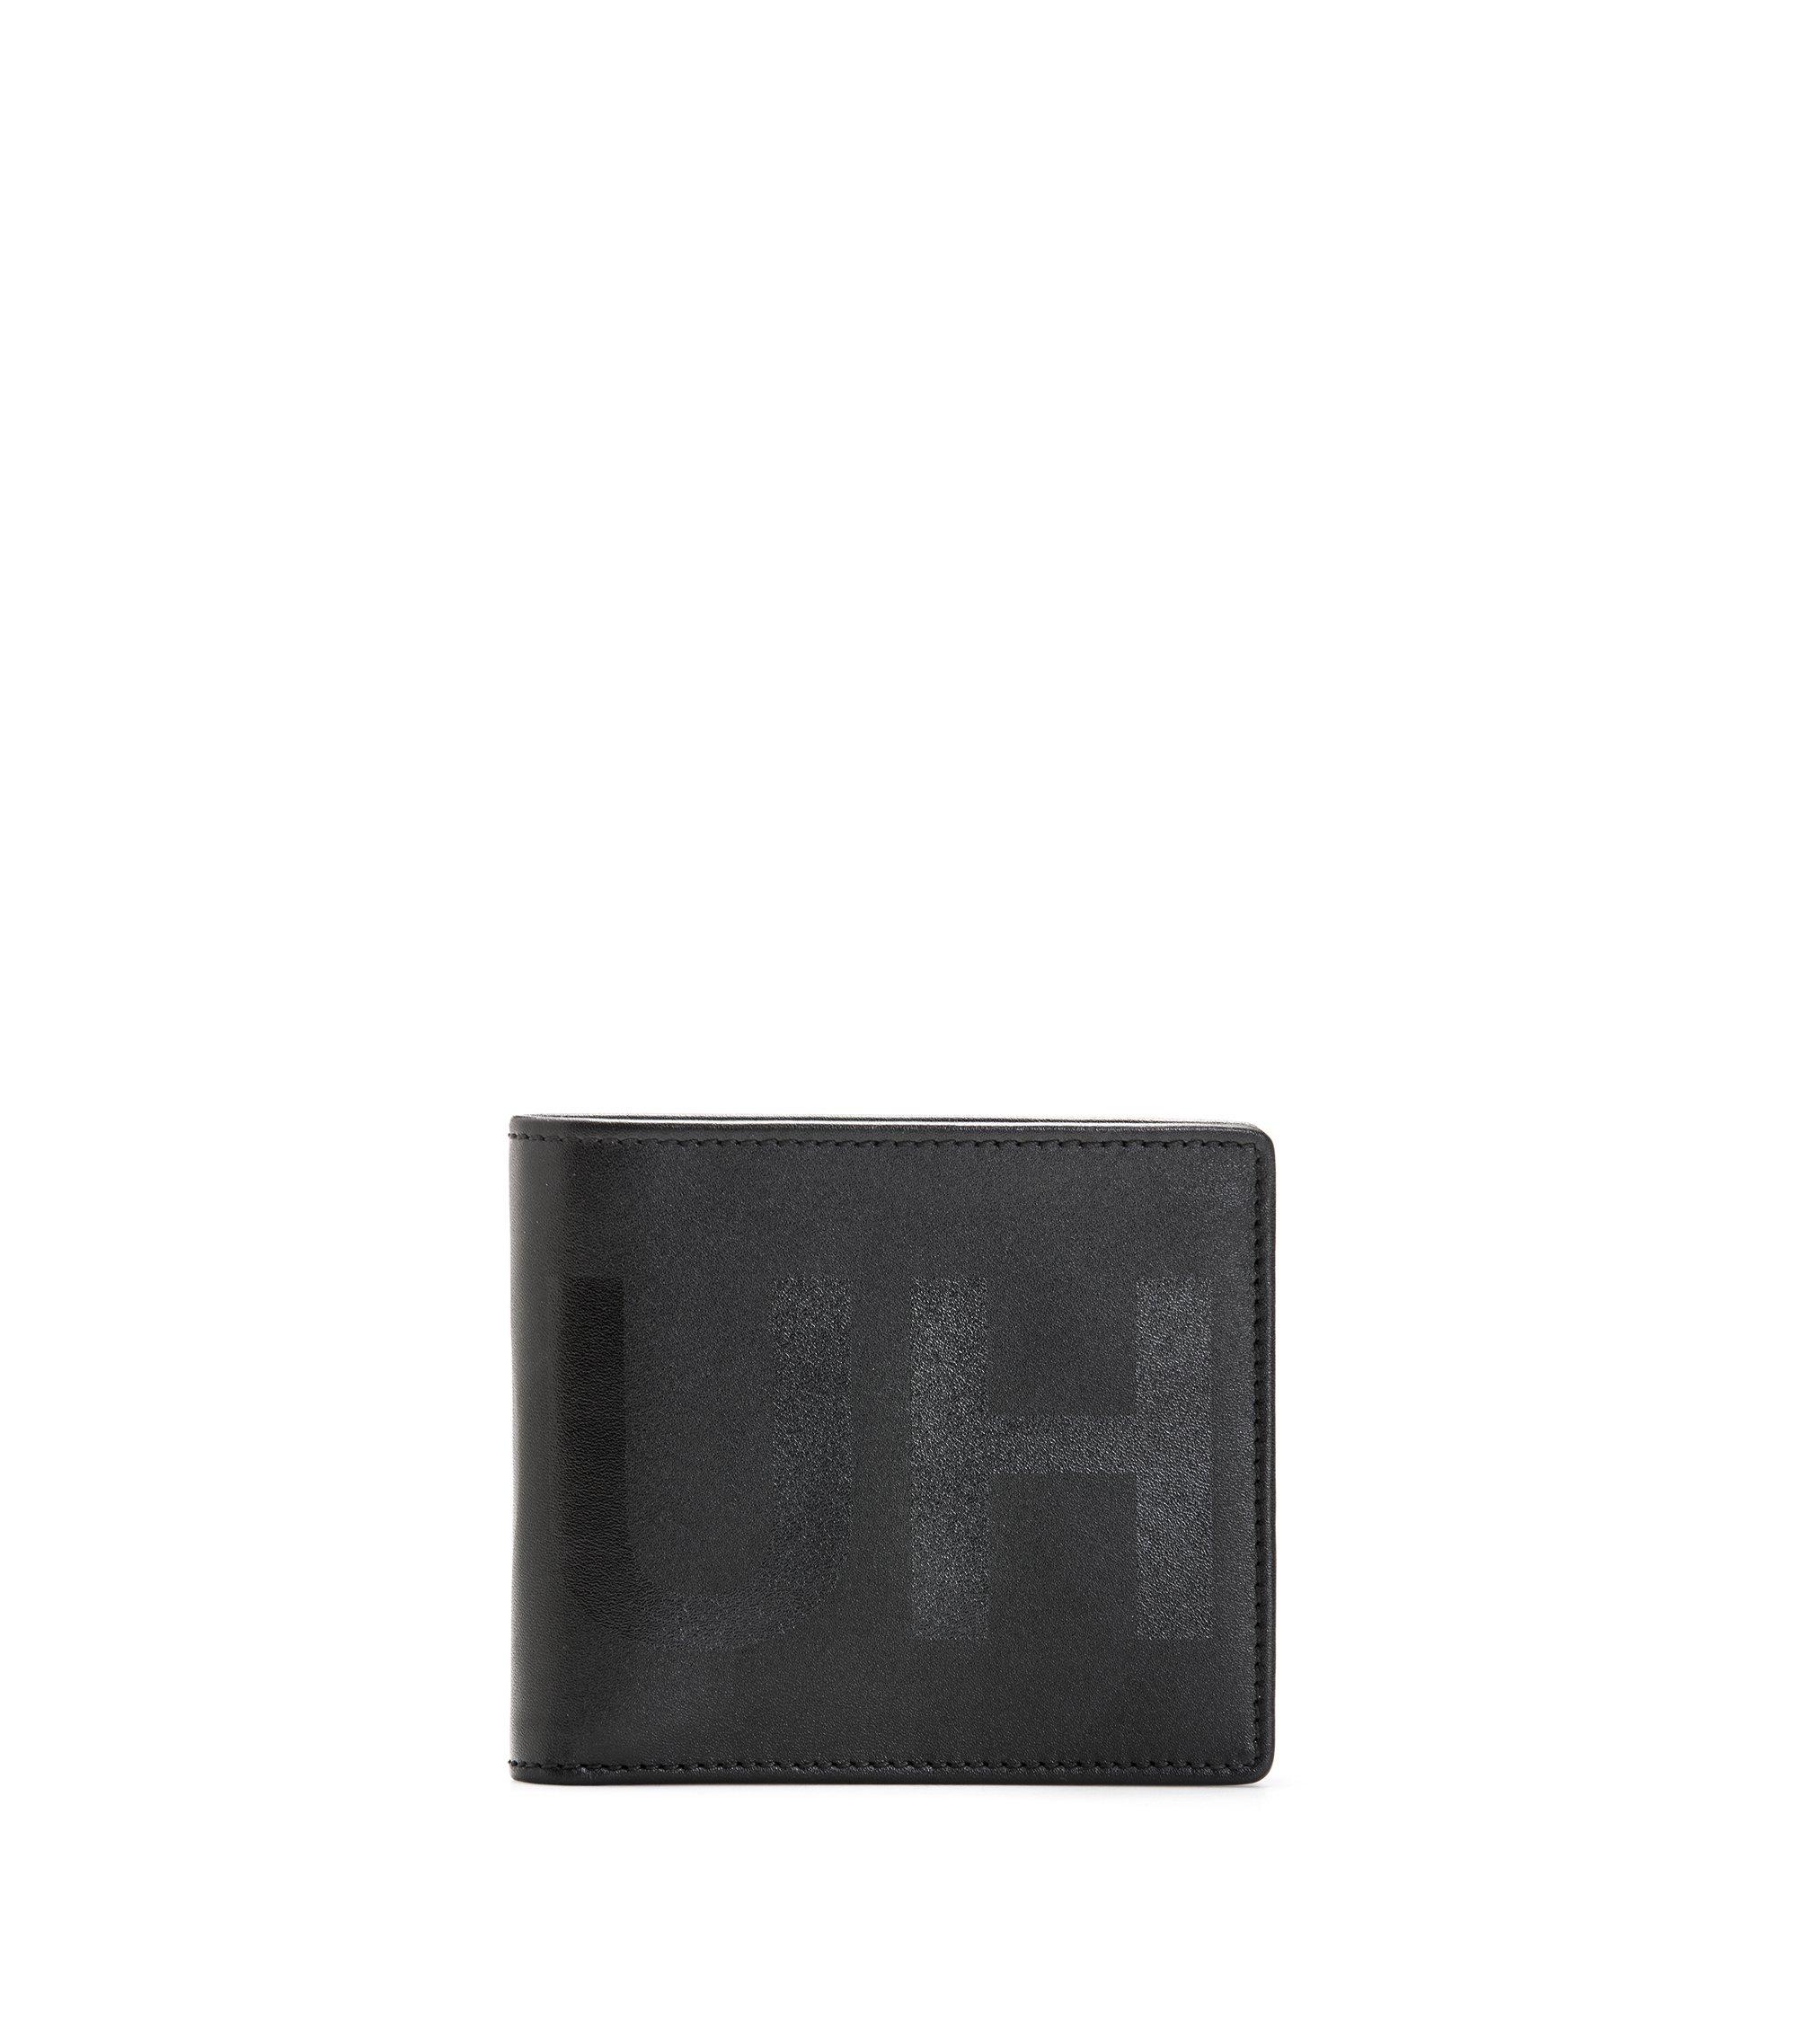 Portafoglio bi-fold in pelle con portamonete e logo a rovescio, Nero